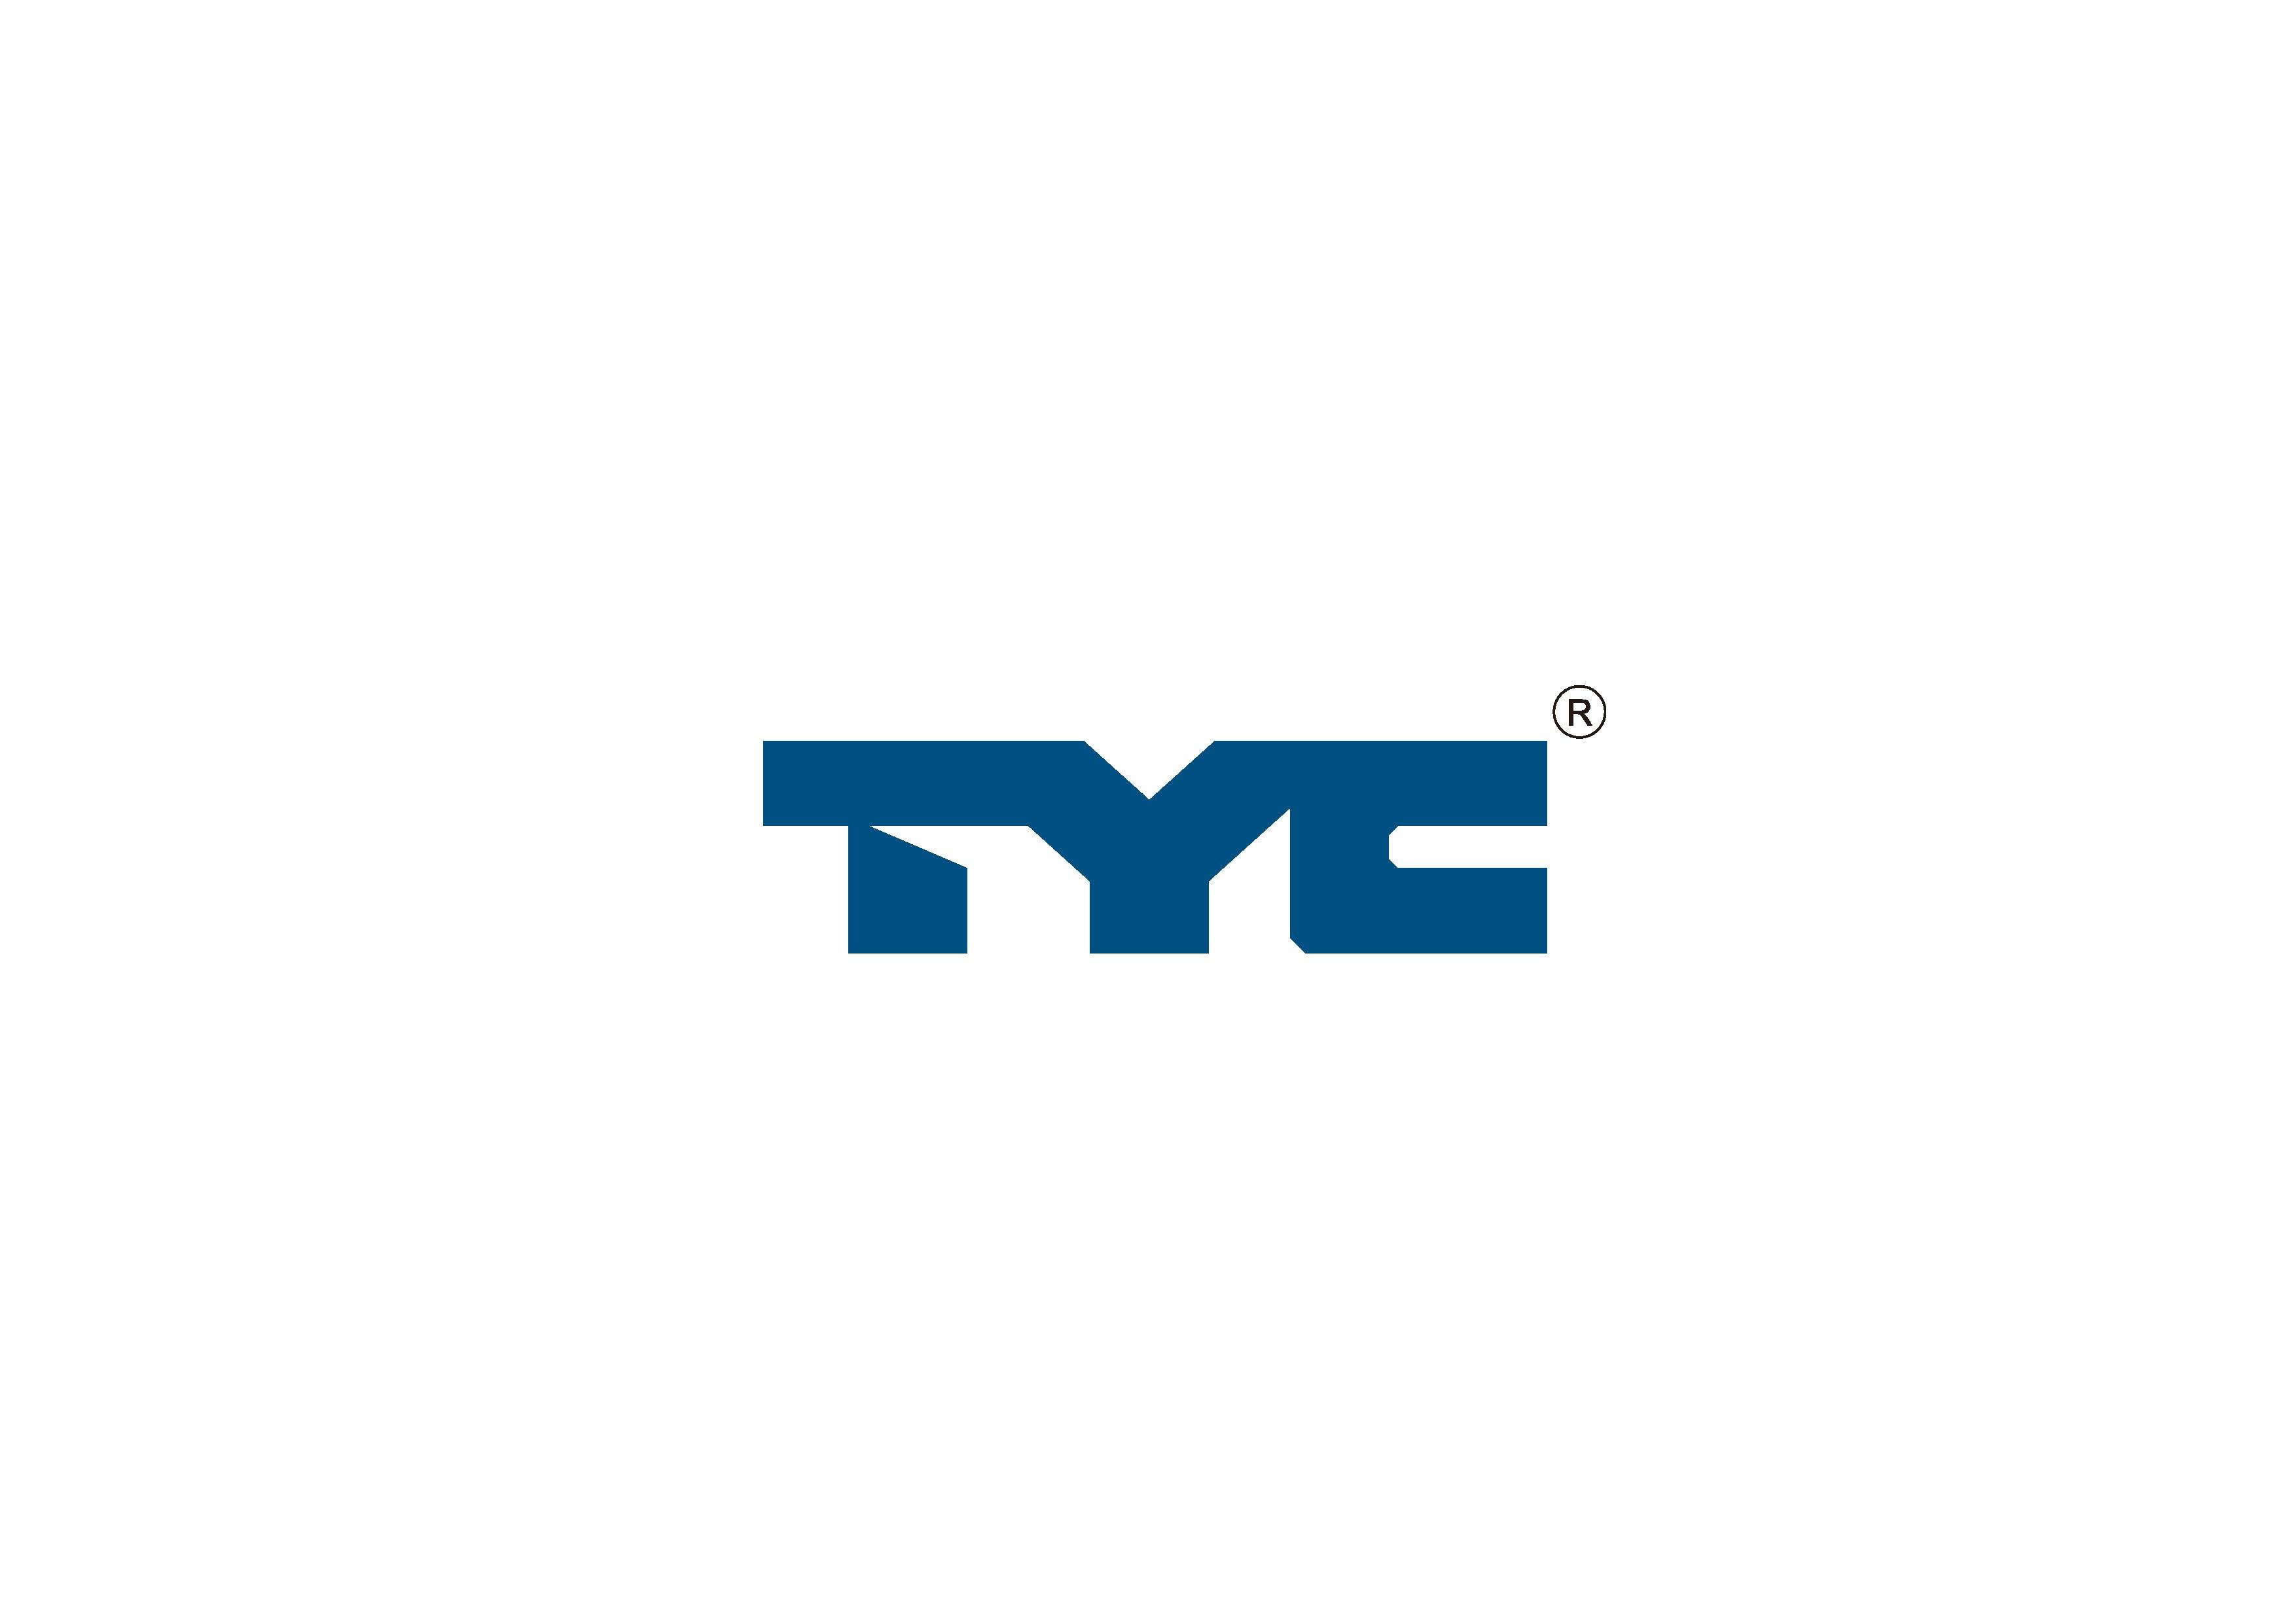 堤維西交通工業股份有限公司(TYC)-Logo